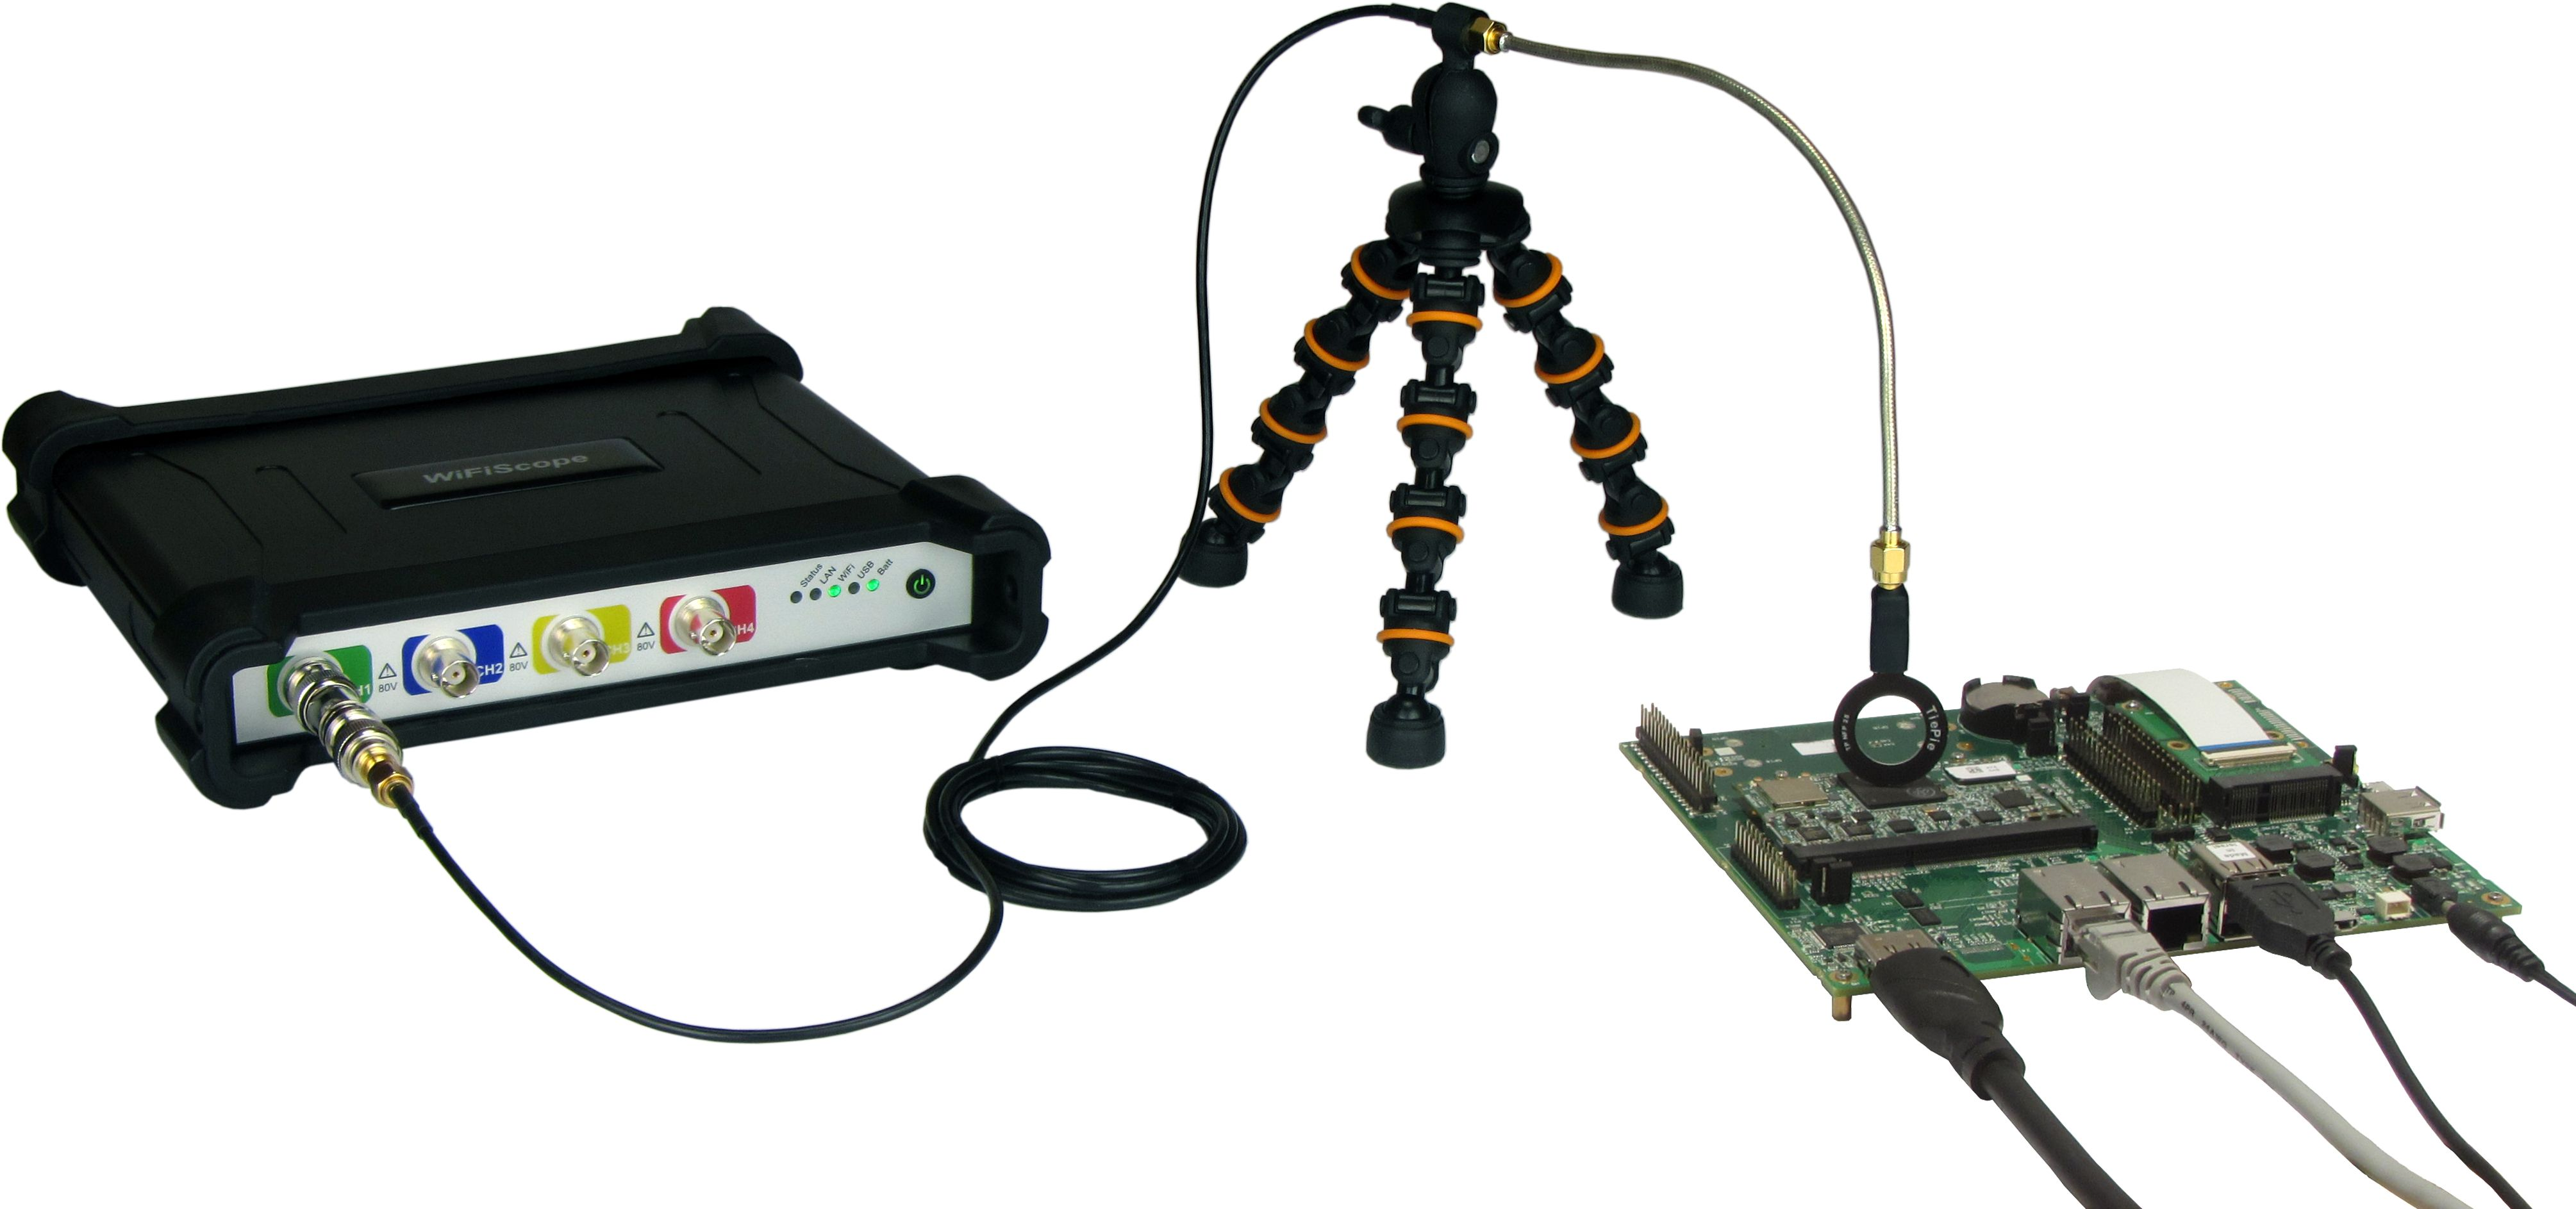 WiFiScope WS6 EMI setup